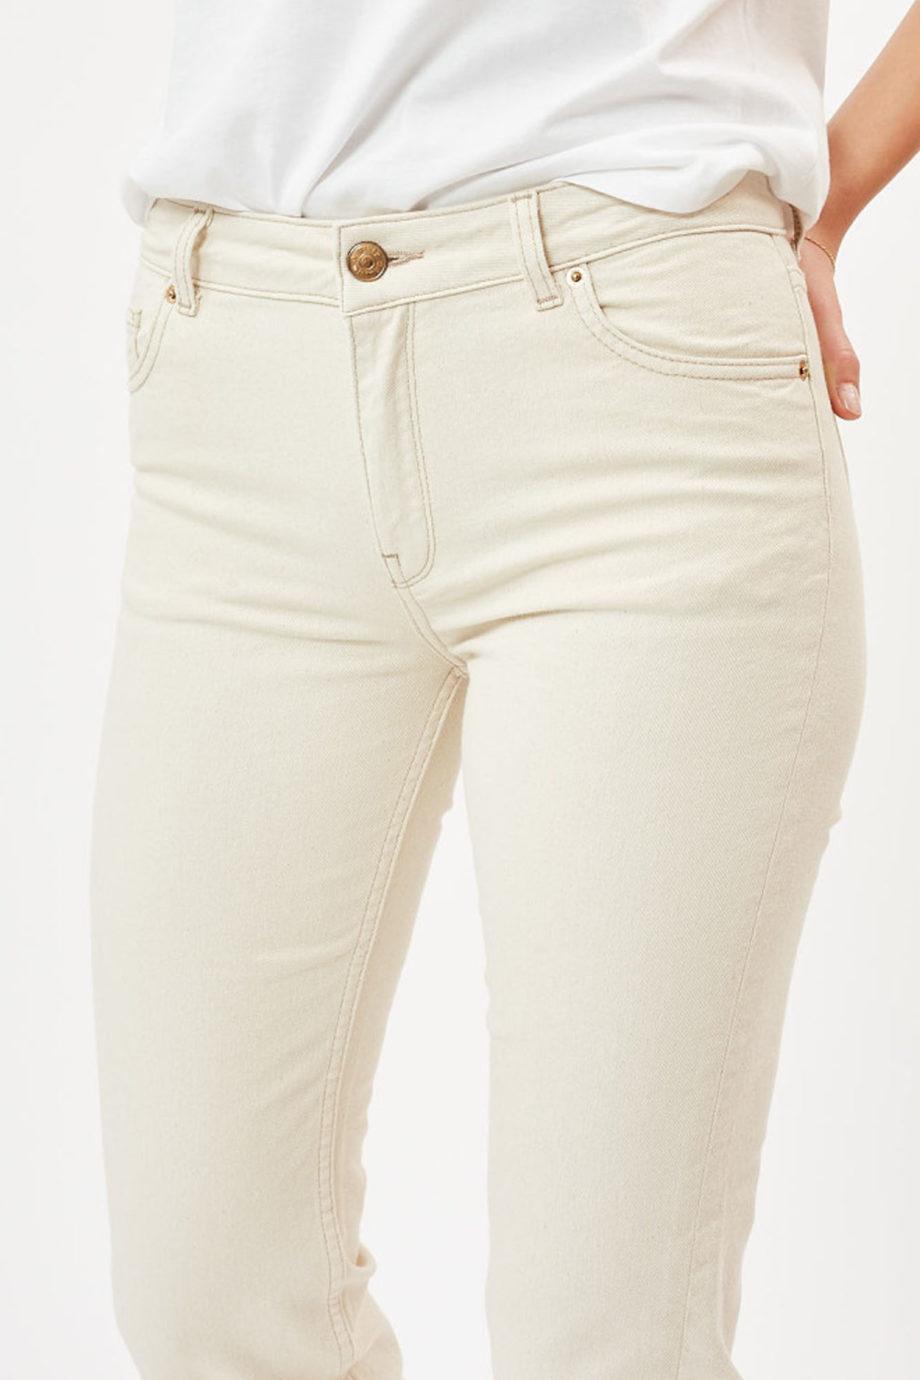 MINIMUM-jeans-OHIO-3